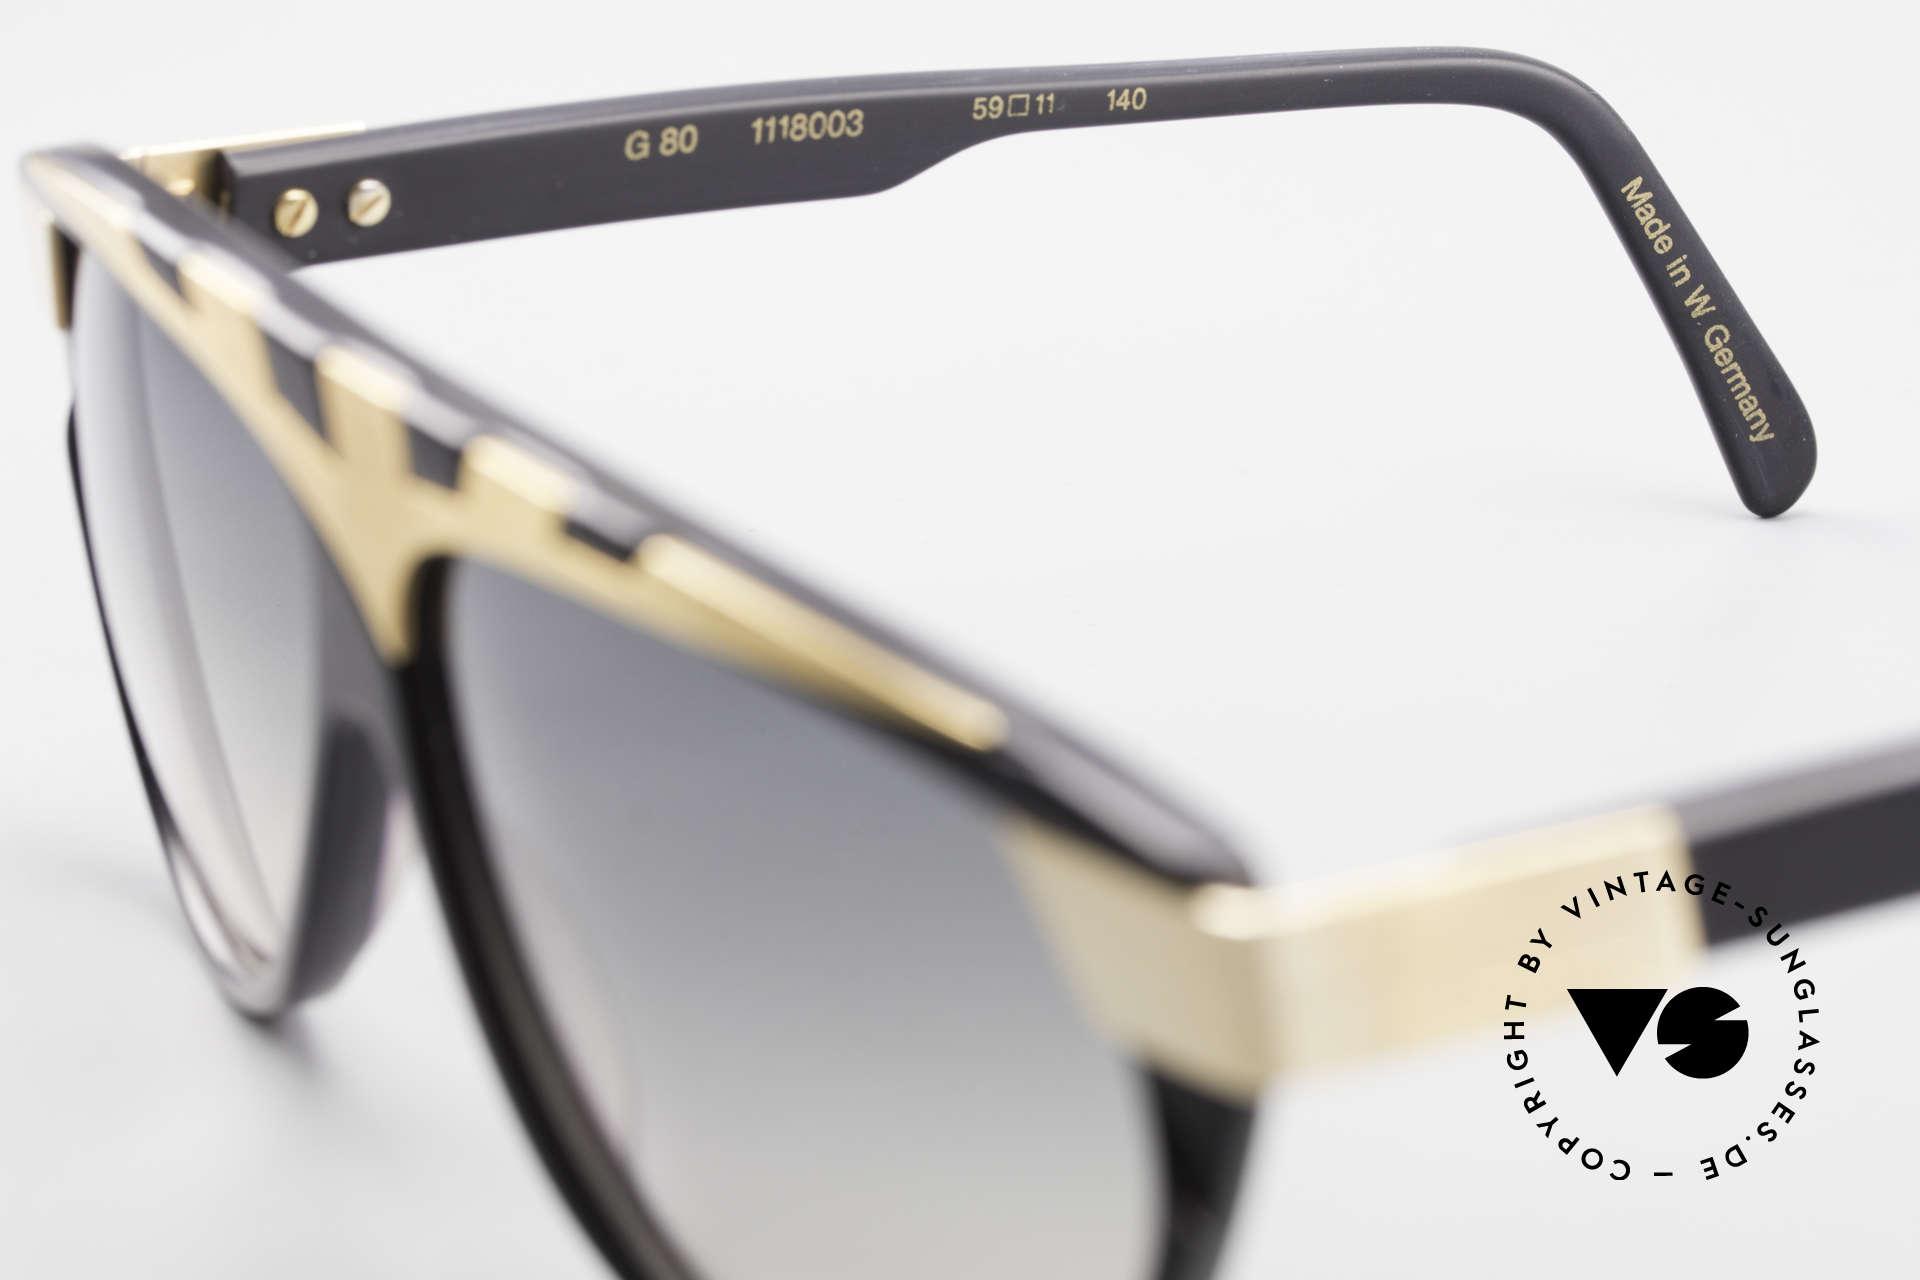 Alpina G80 Vergoldete 80er Sonnenbrille, Größe: medium, Passend für Herren und Damen